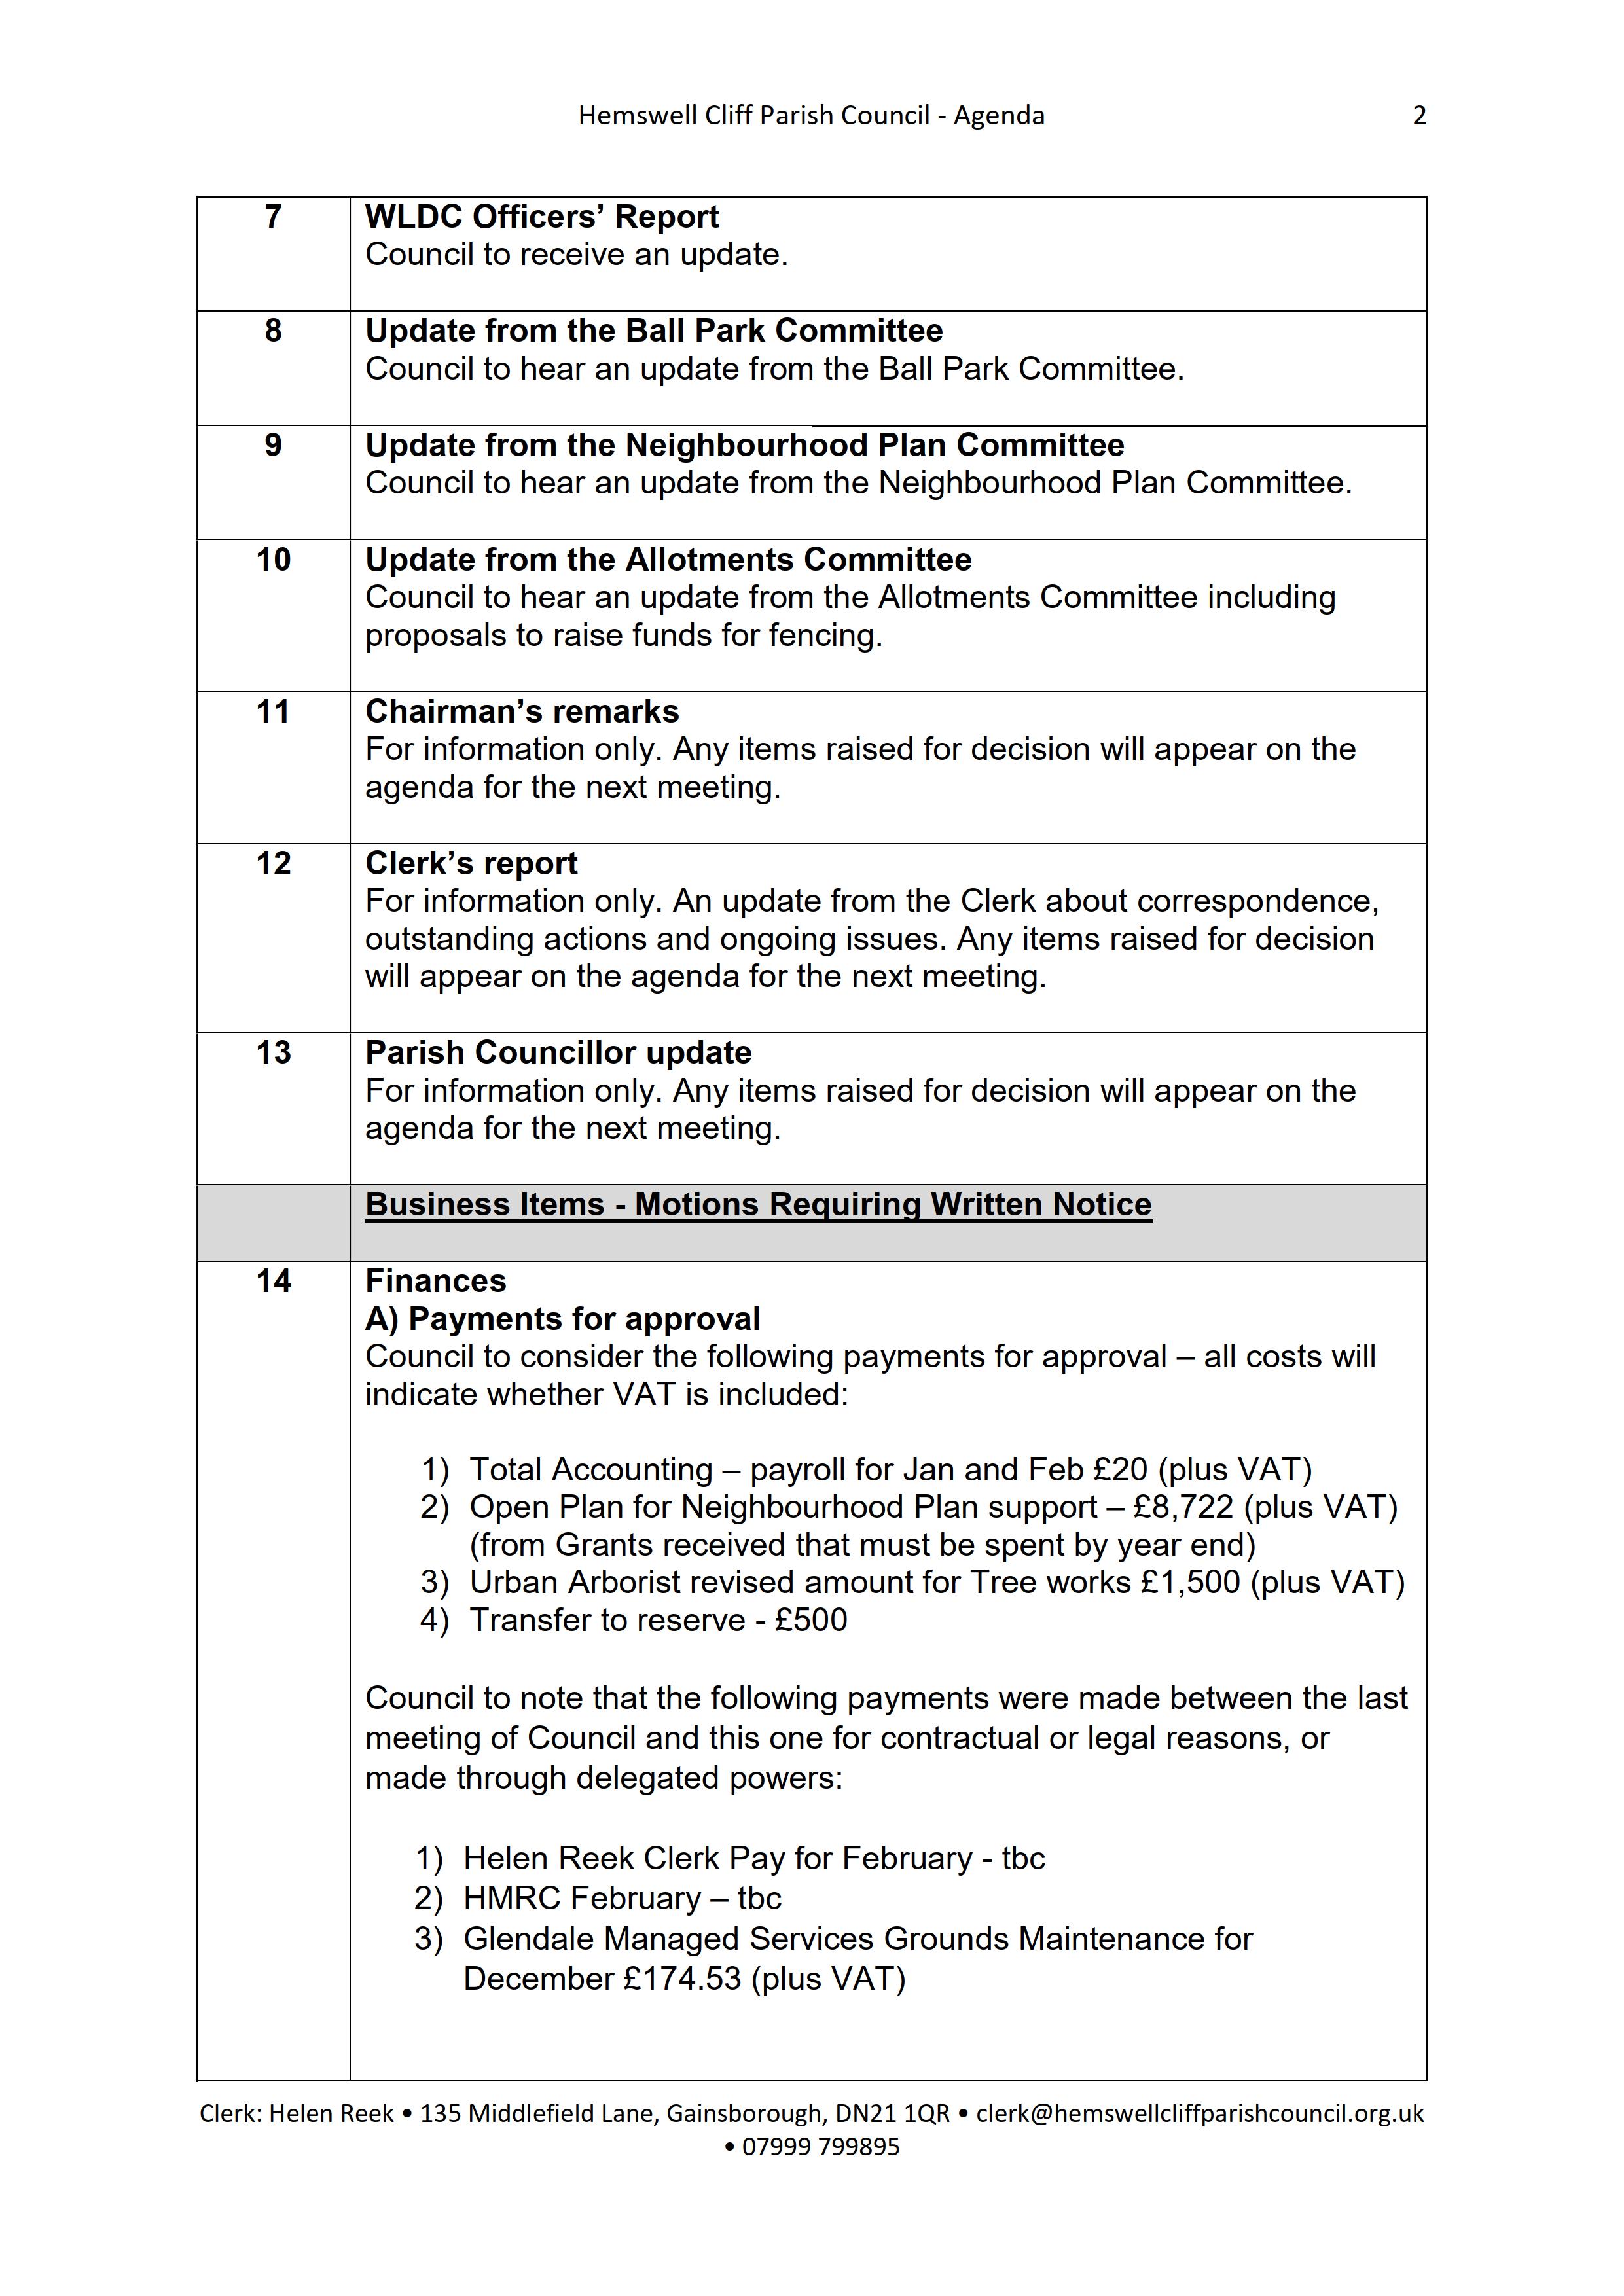 HCPC_Agenda_02.03.202.png